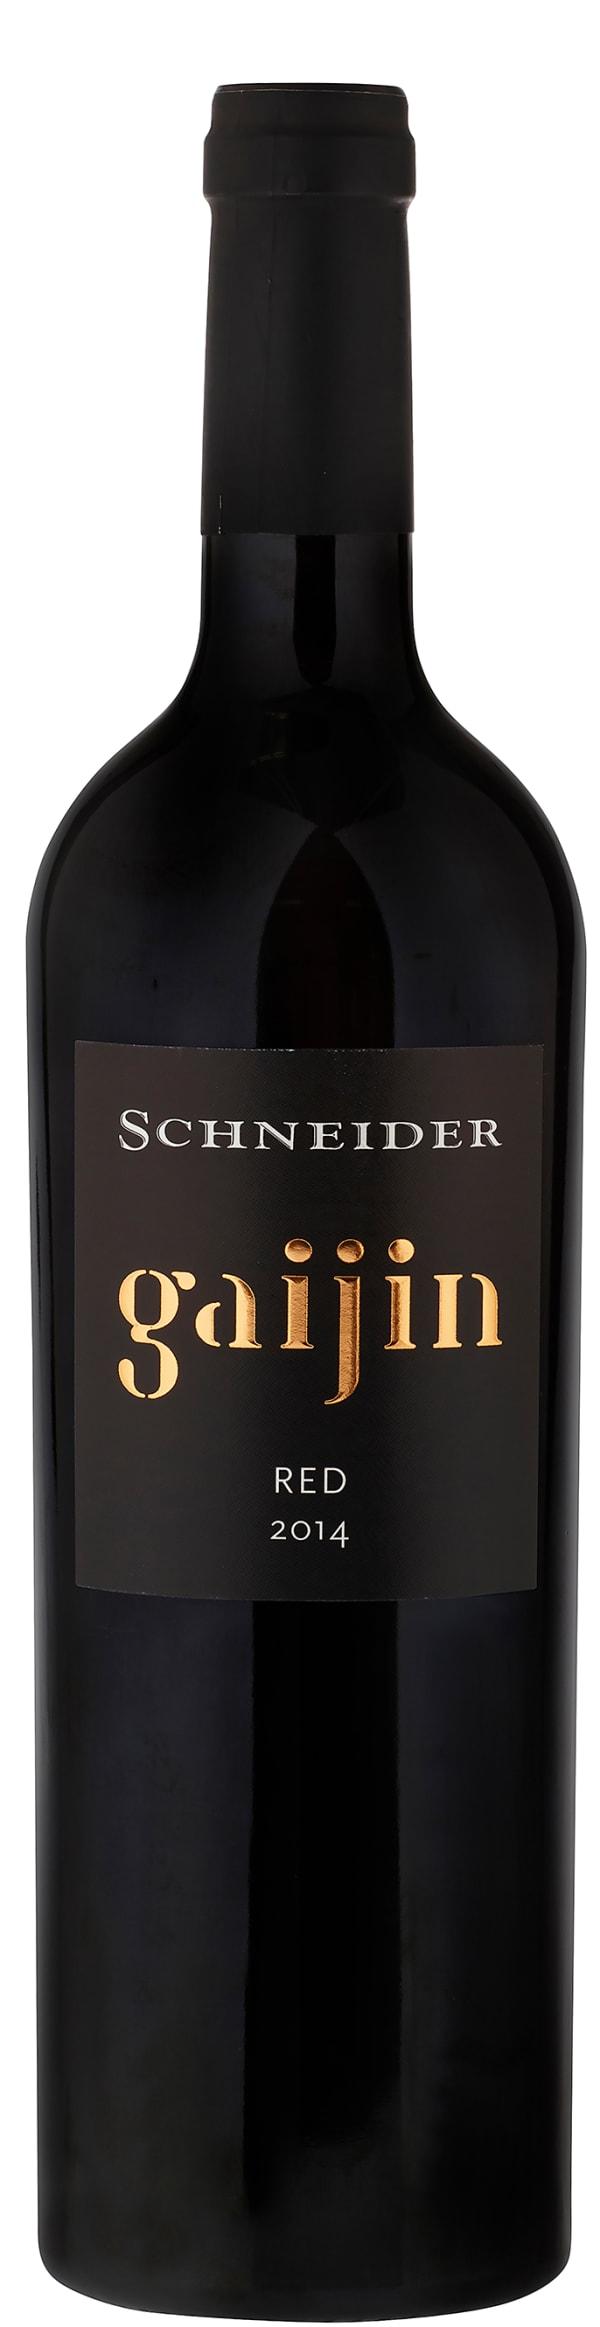 Schneider Gaijin Red 2014